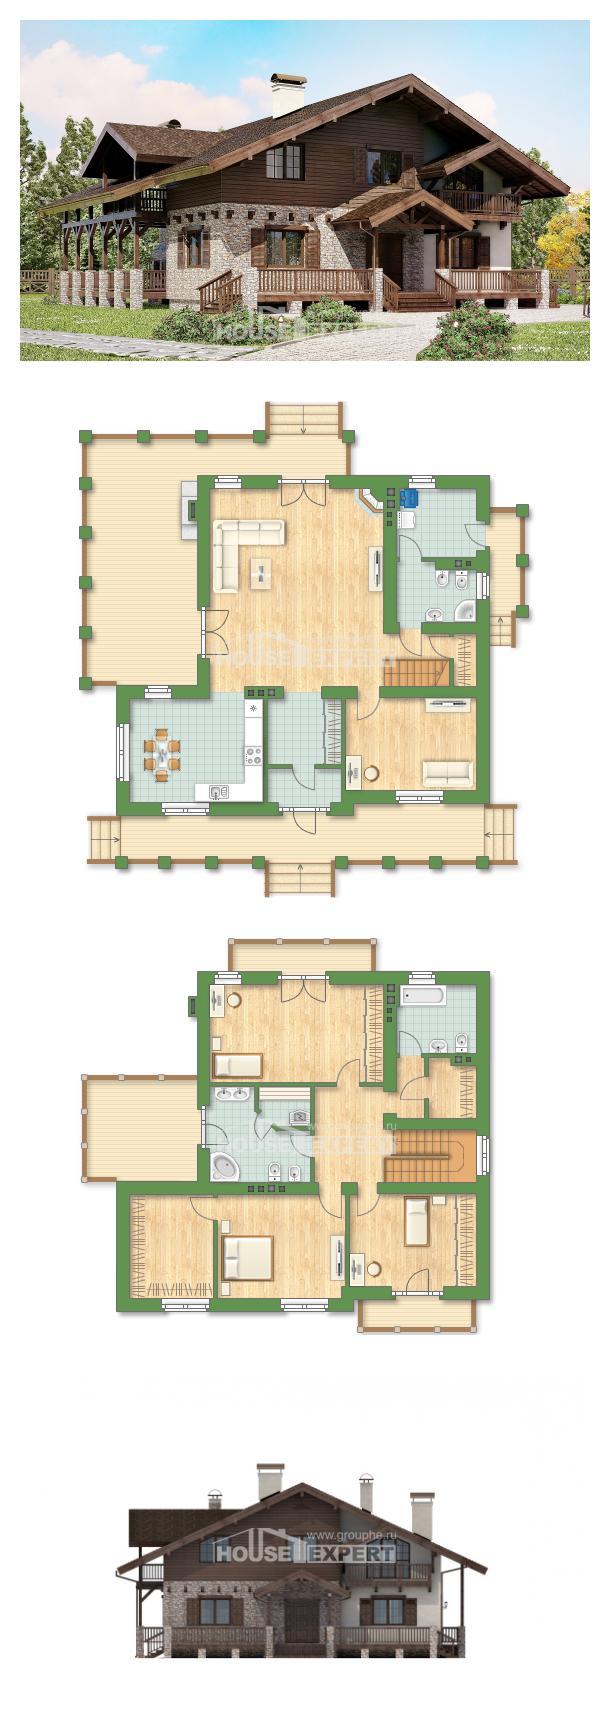 Проект дома 250-003-П | House Expert